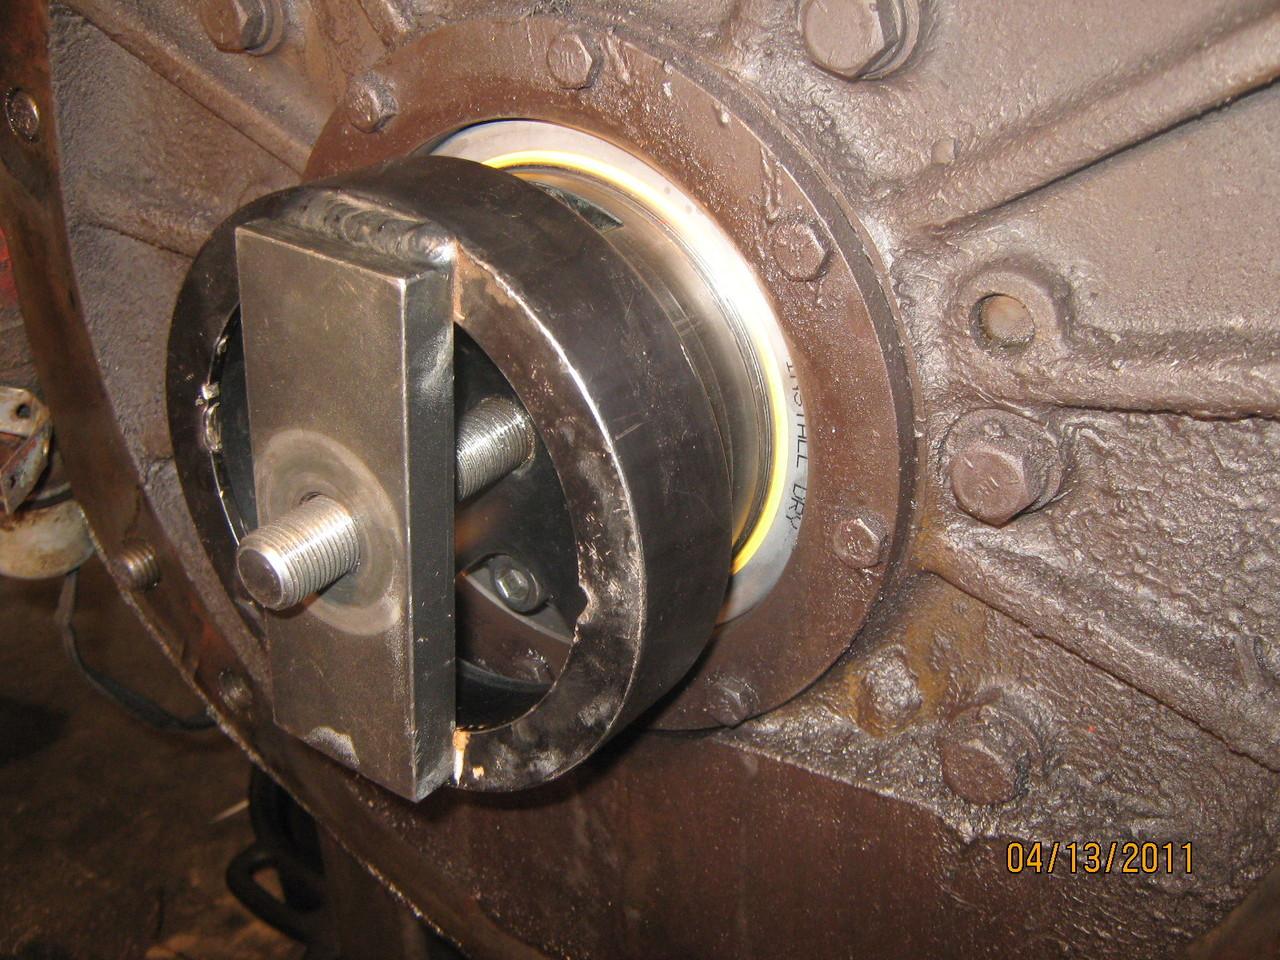 IH Tractor Combine Truck Engine 414 436 466 Crankshaft Seal Installer Tool